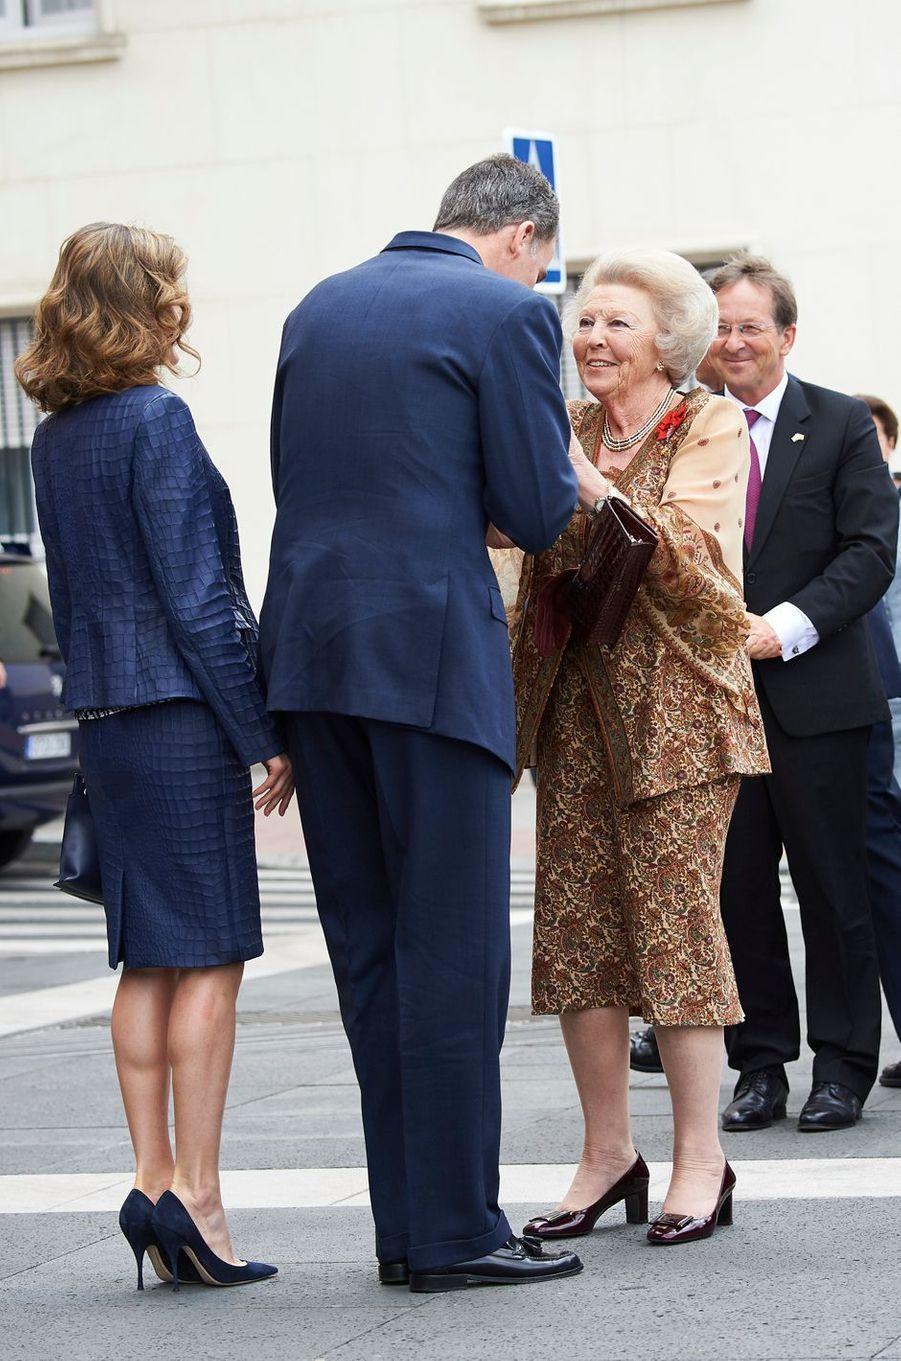 La reine Letizia et le roi Felipe VI d'Espagne avec la princesse Beatrix des Pays-Bas à Madrid, le 30 mai 2016